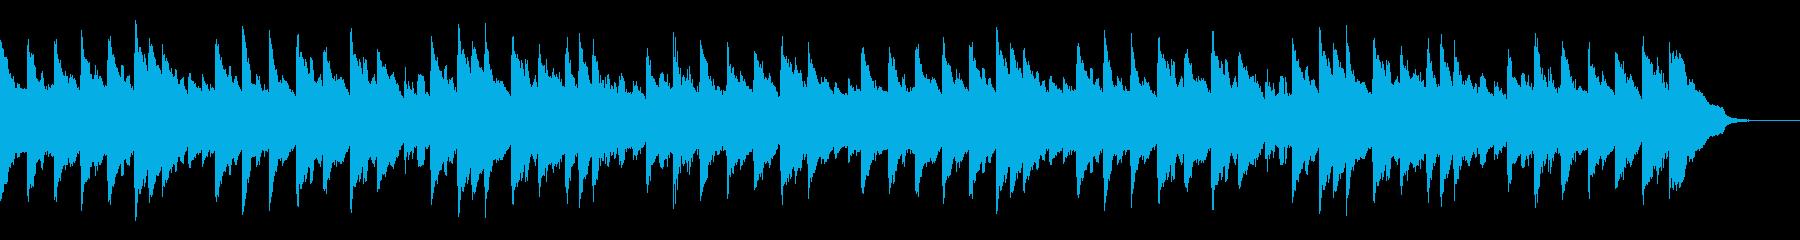 七夕さま (ピアノ)の再生済みの波形